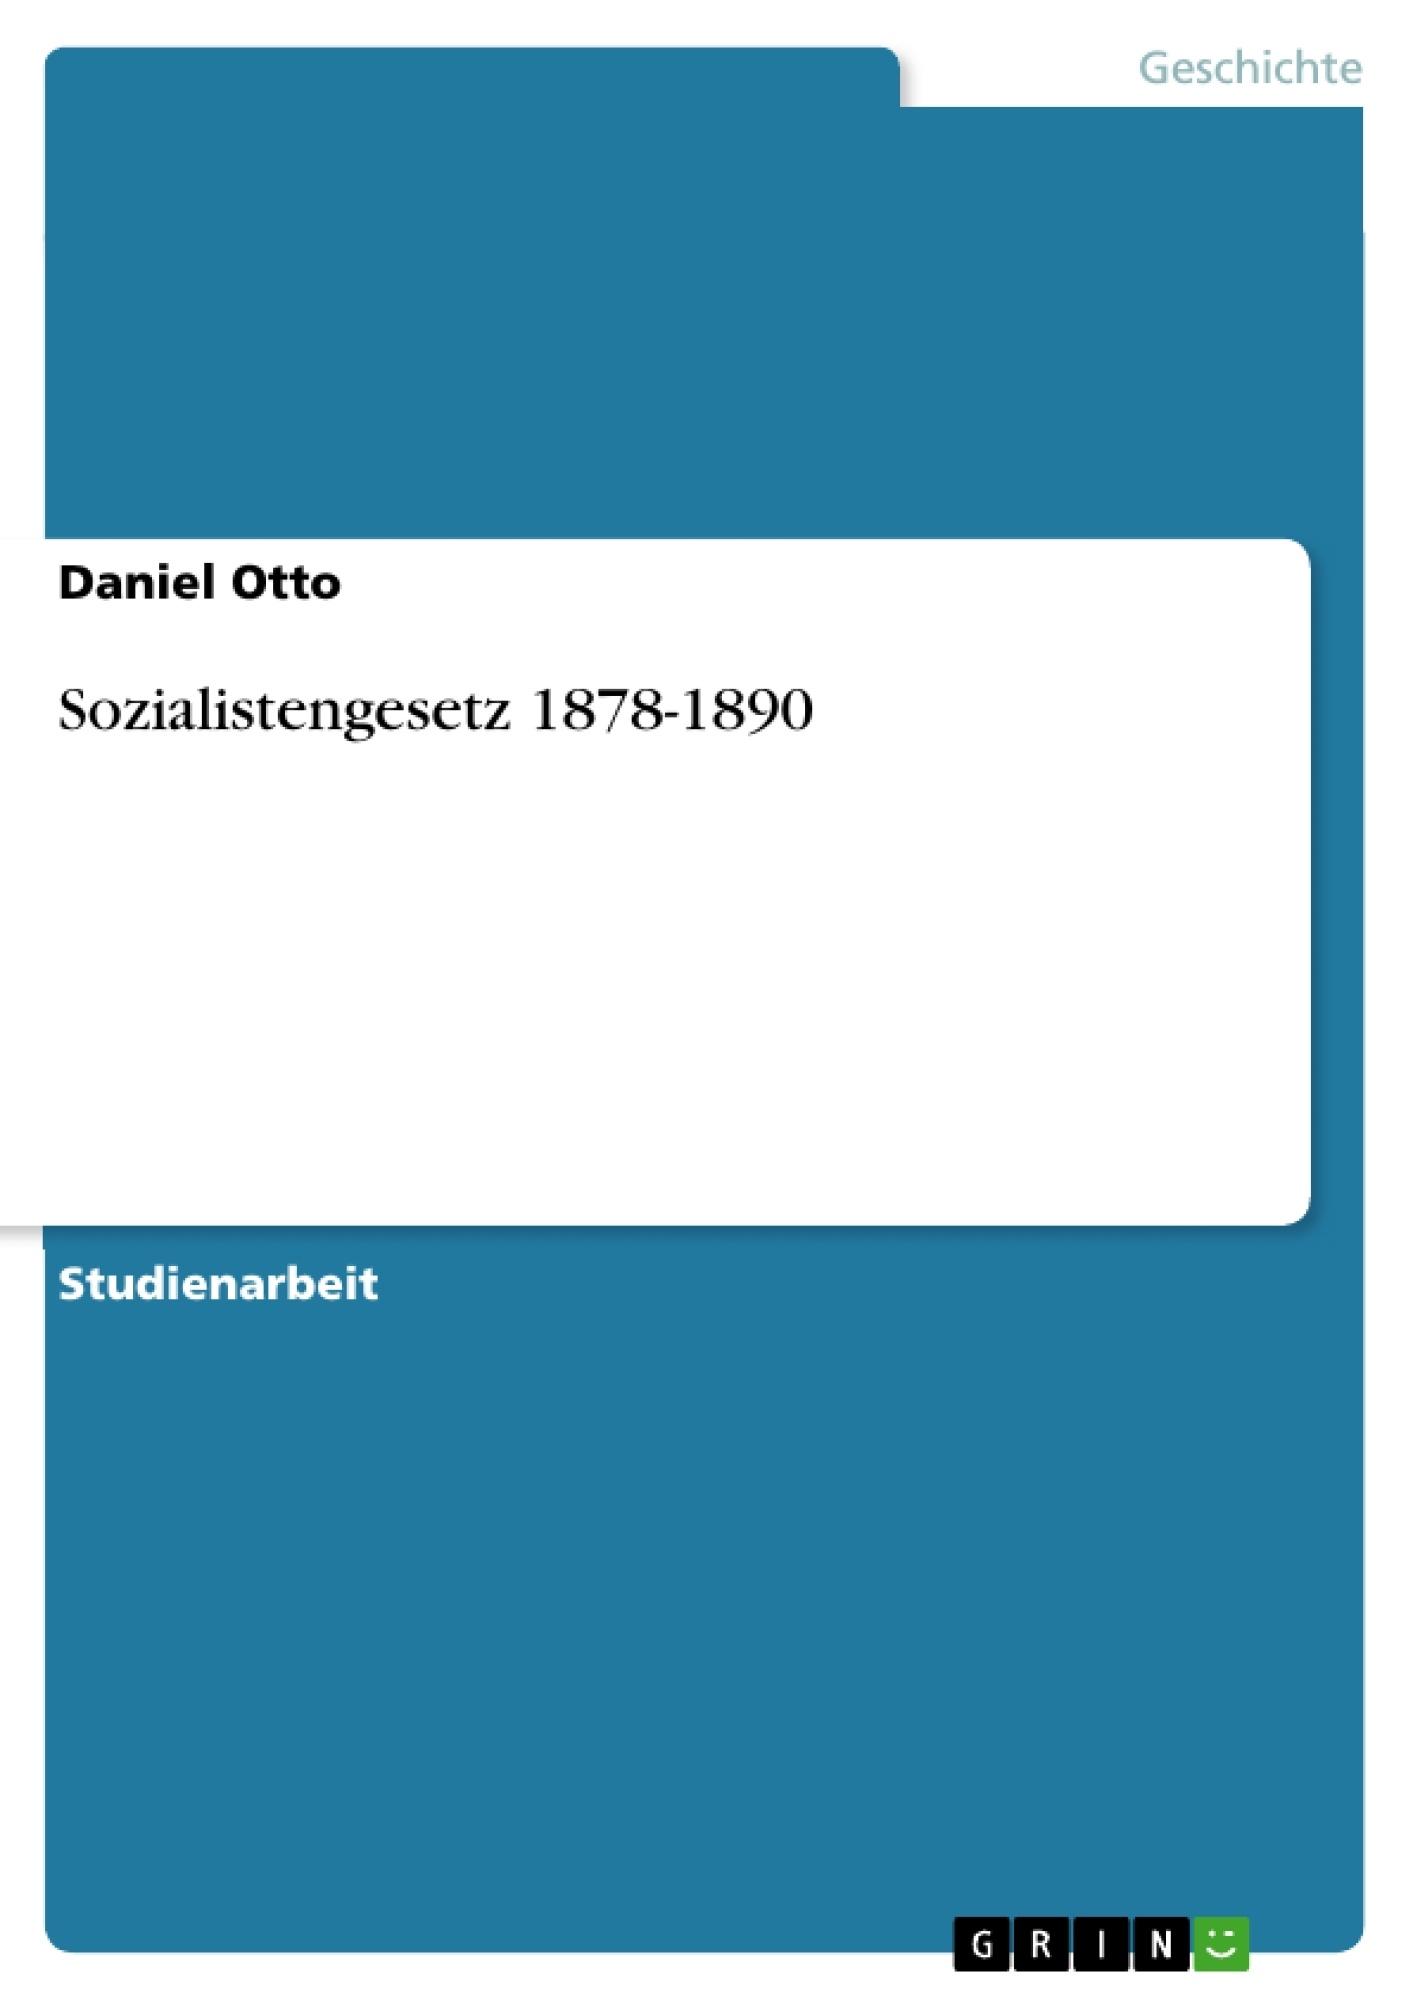 Titel: Sozialistengesetz 1878-1890